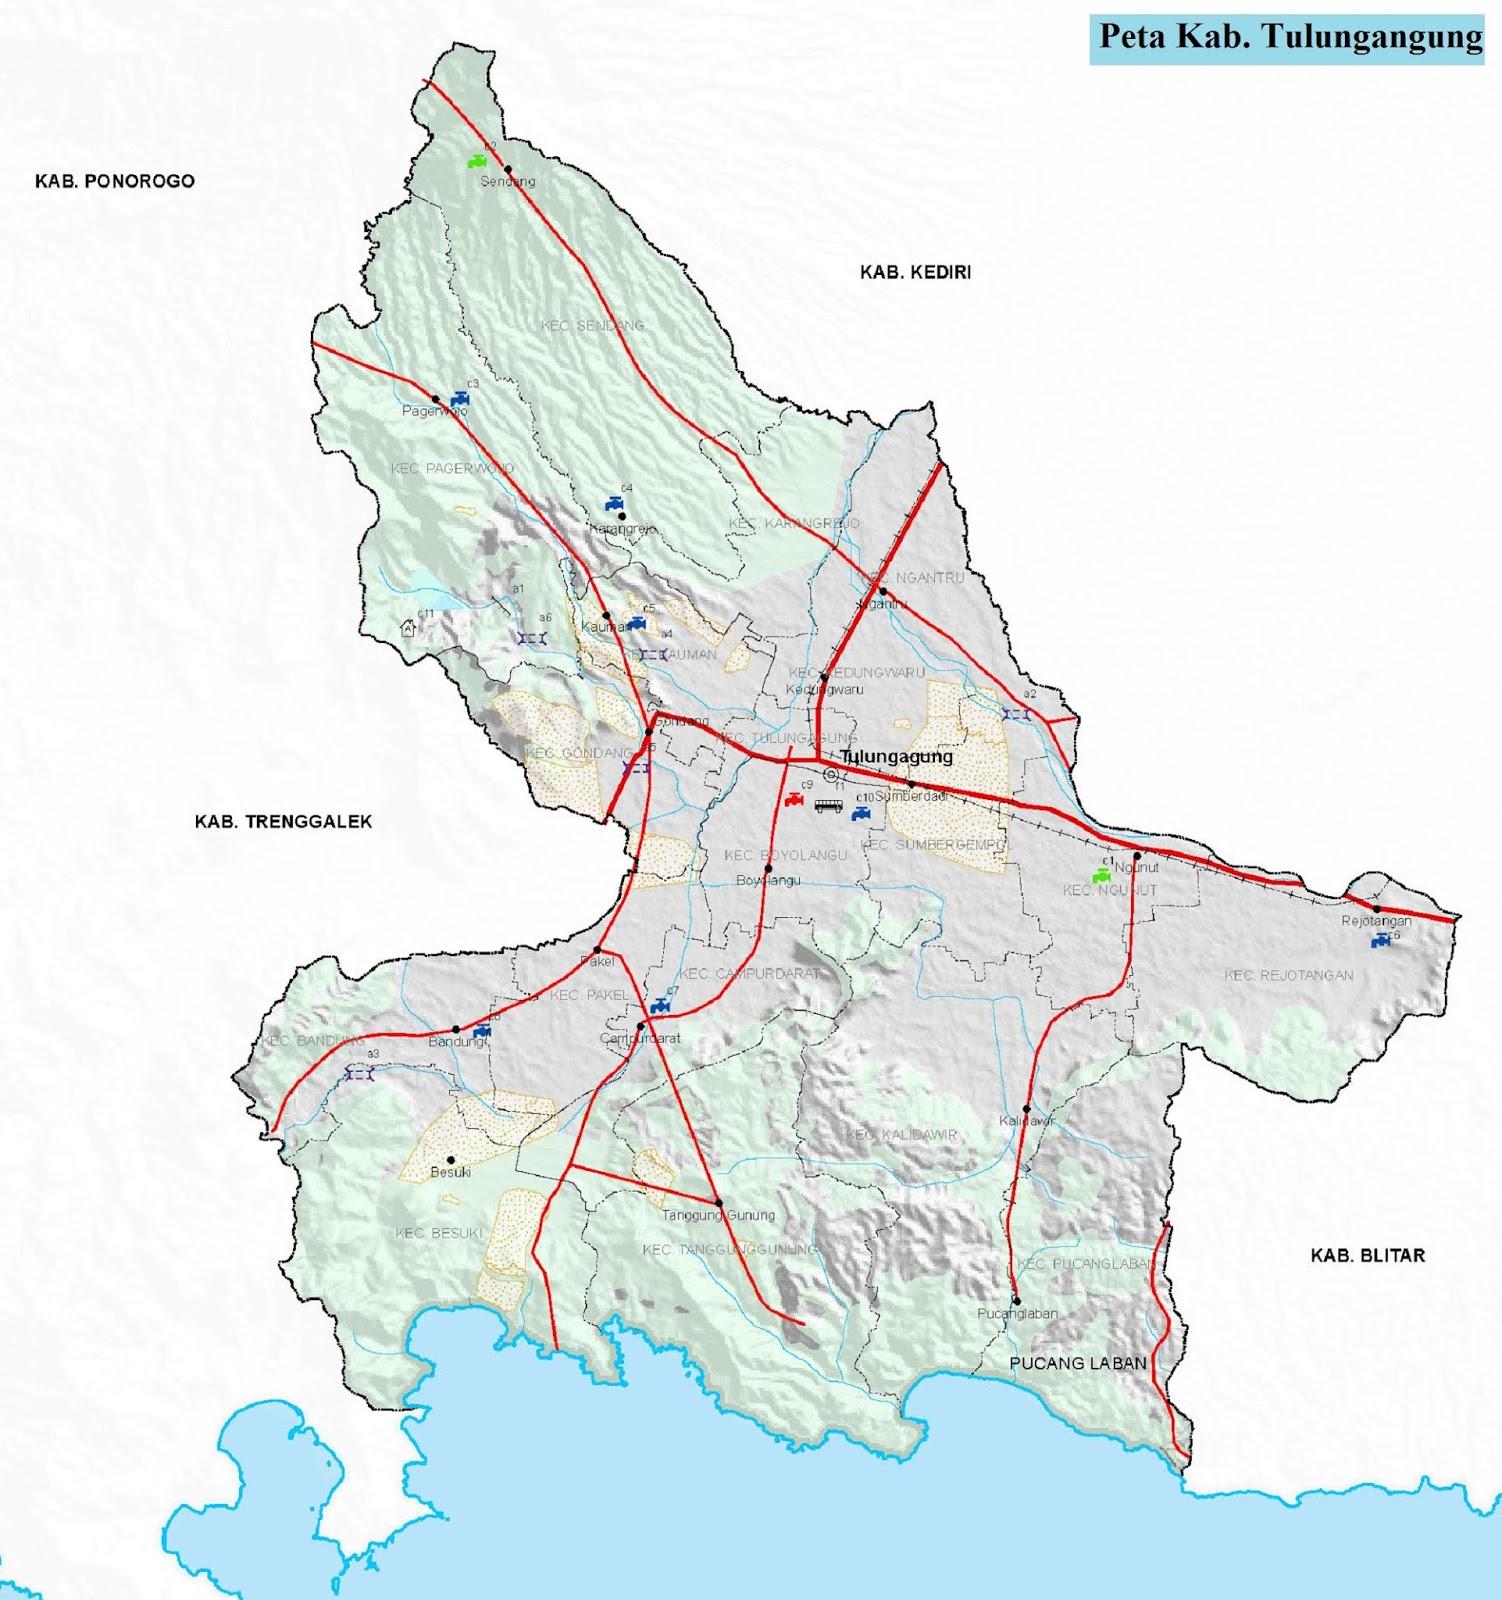 Peta Kabupaten Tulungagung HD